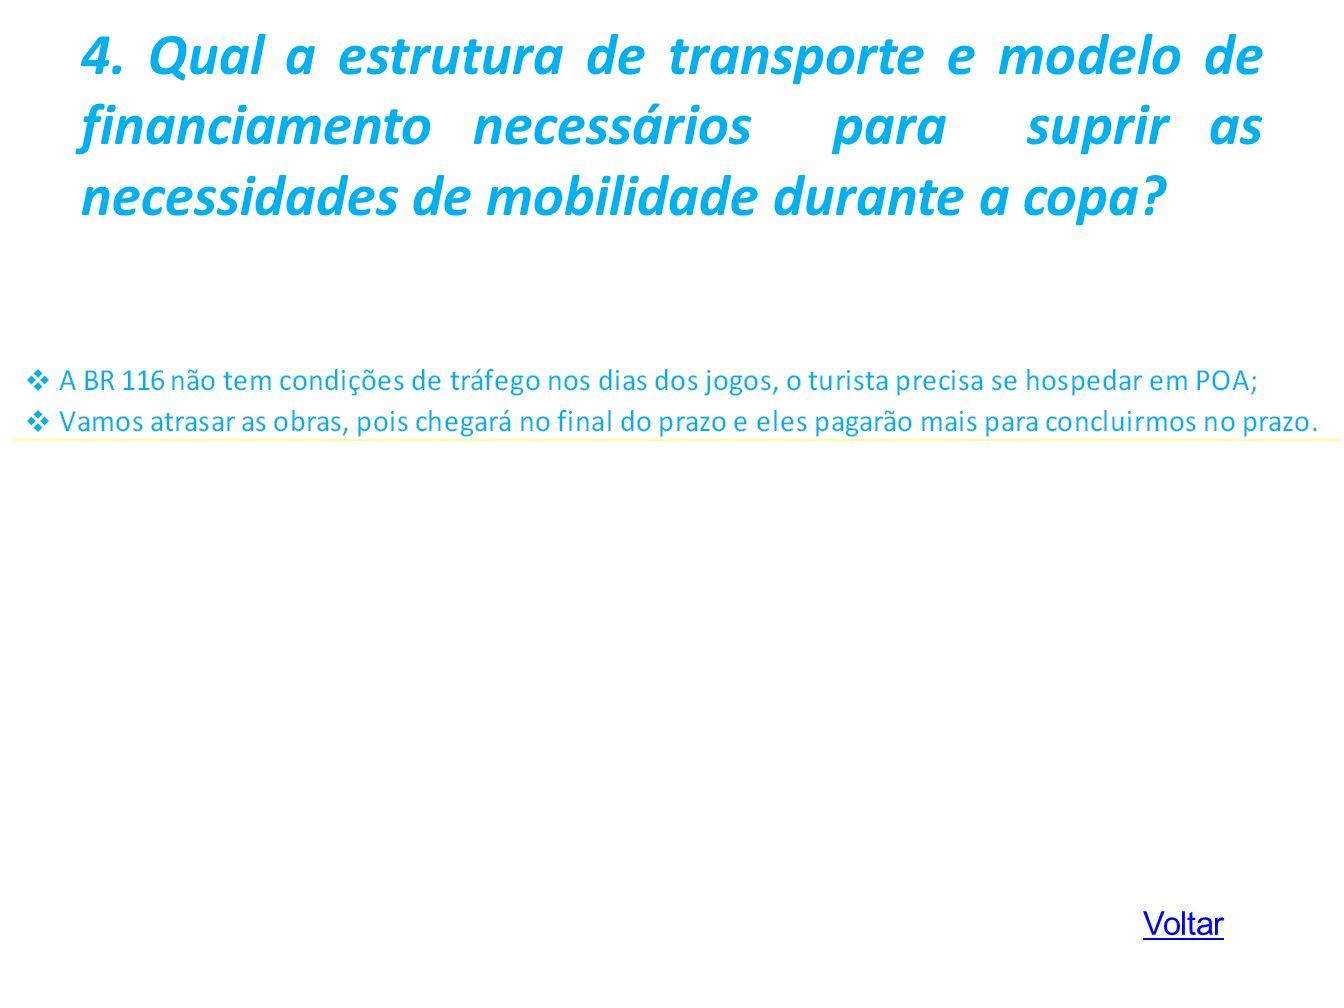 4. Qual a estrutura de transporte e modelo de financiamento necessários para suprir as necessidades de mobilidade durante a copa